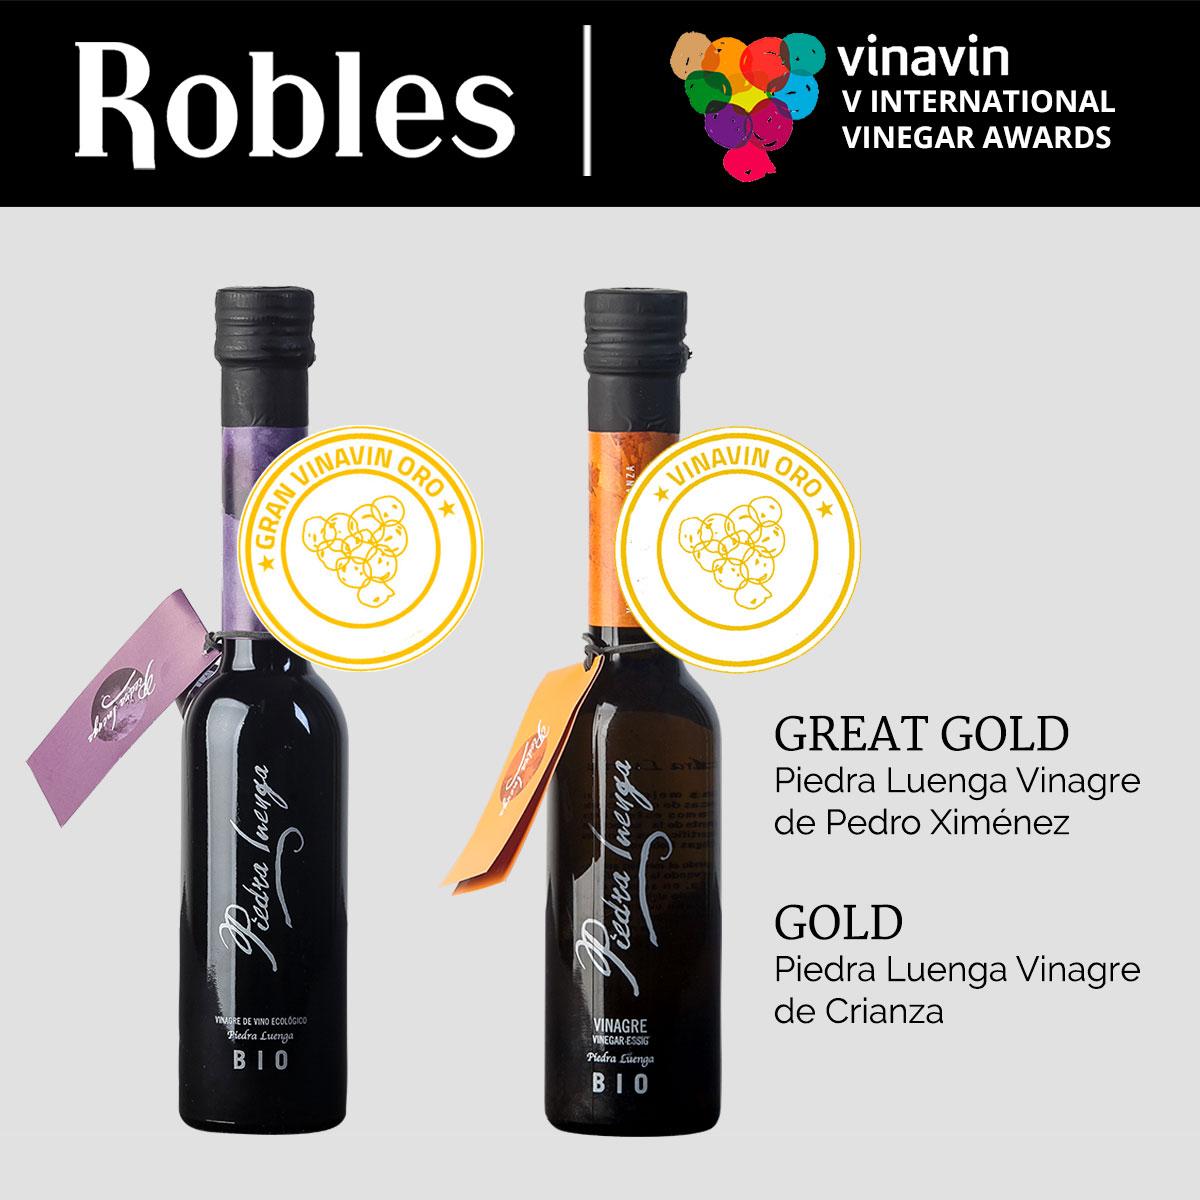 Great Gold at Vinavin 2019